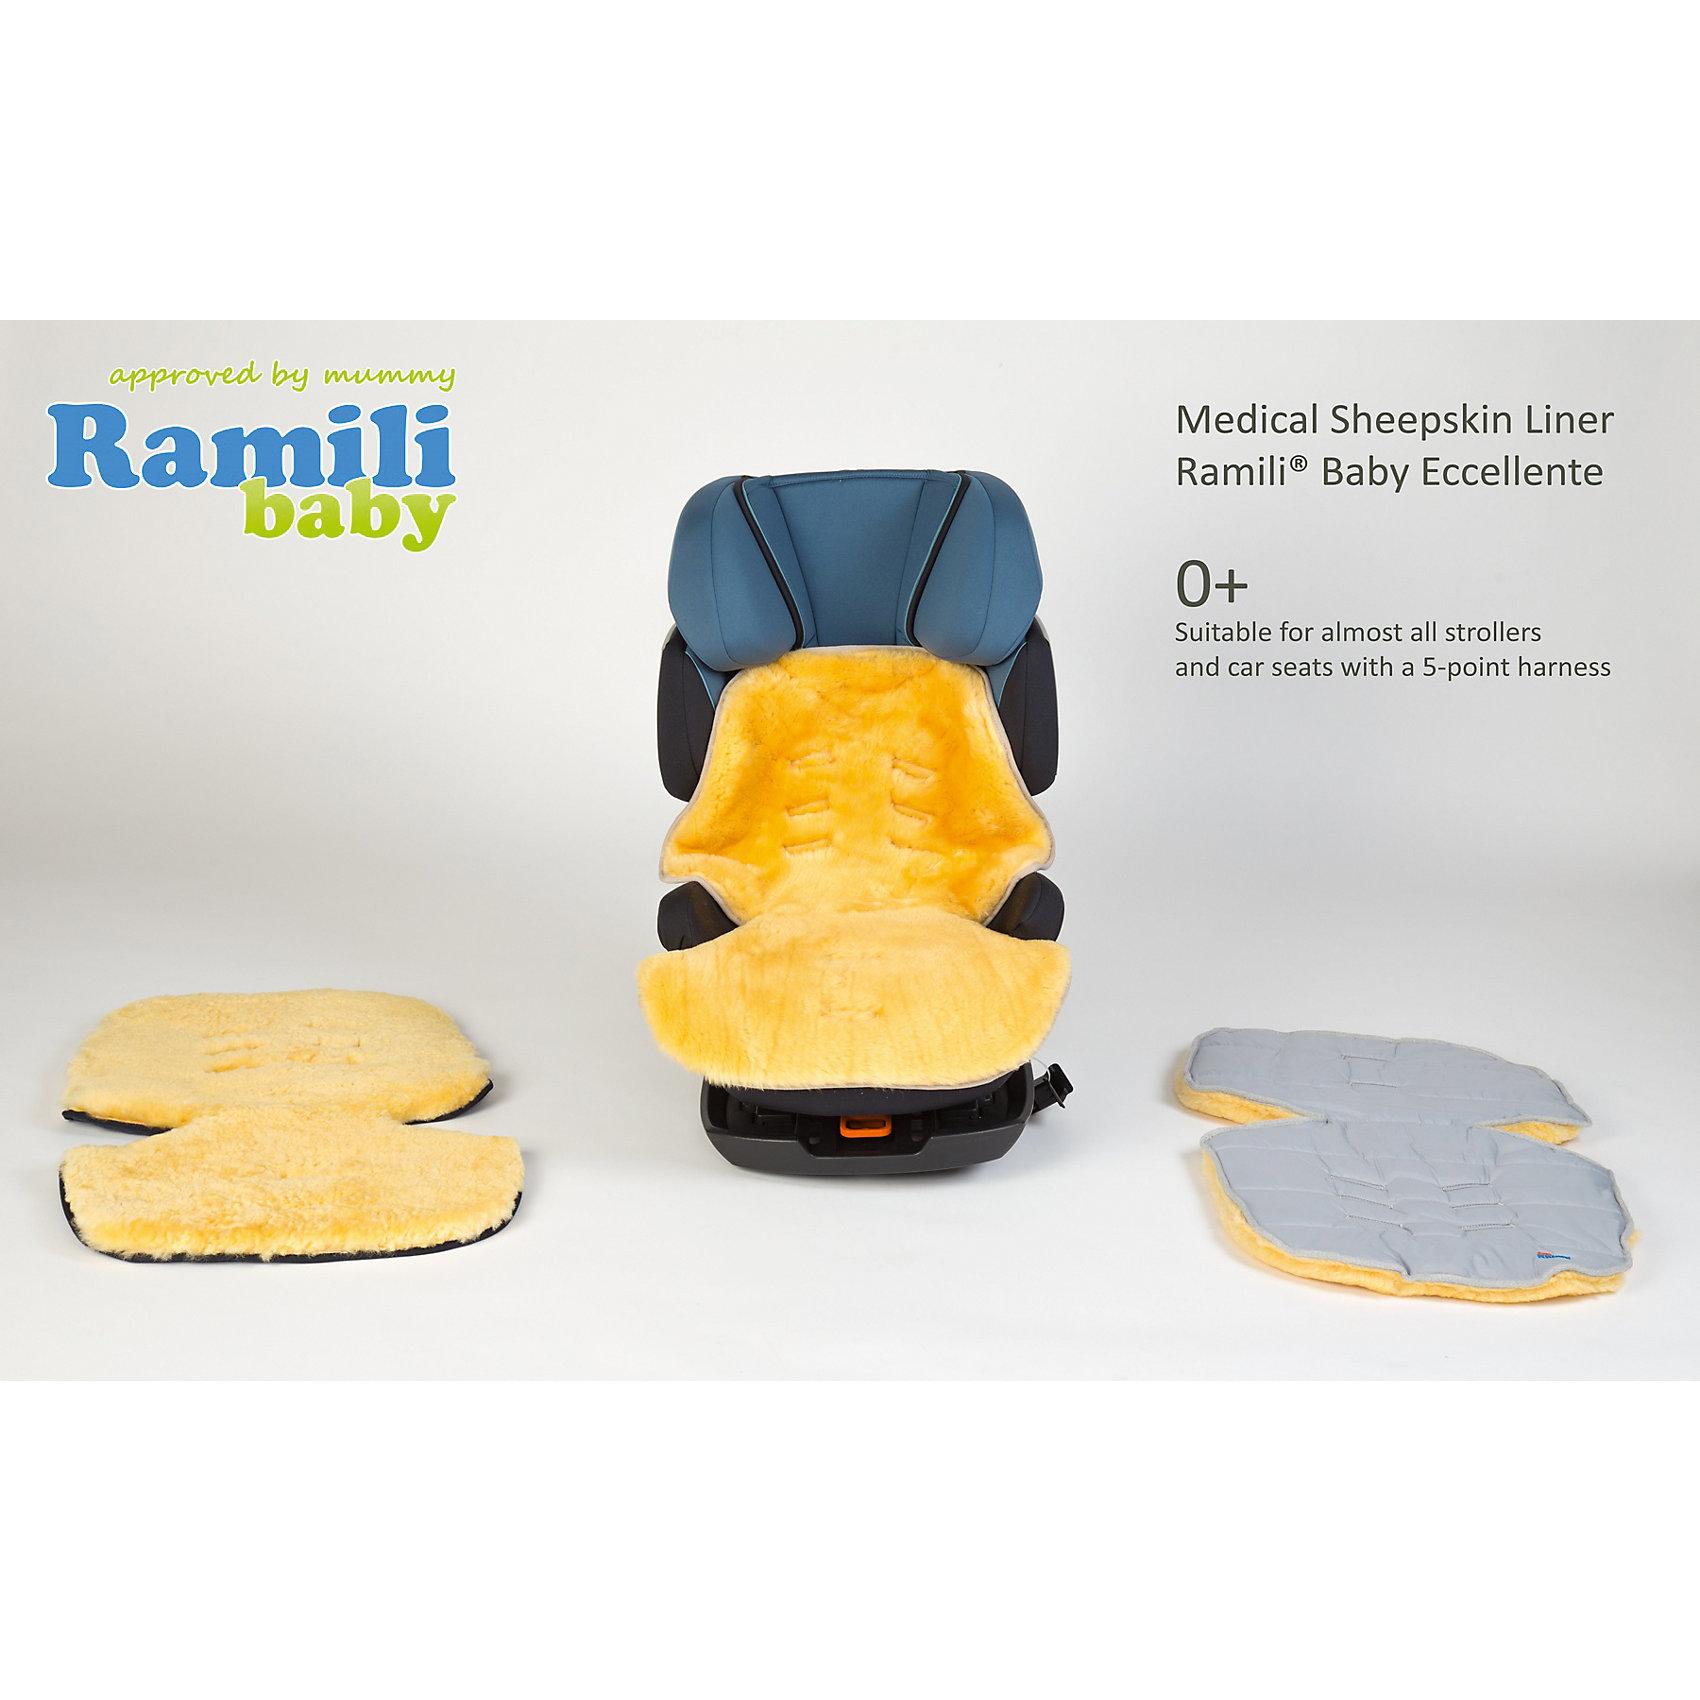 Меховой коврик для коляски и автокресла,  Ramili, серый